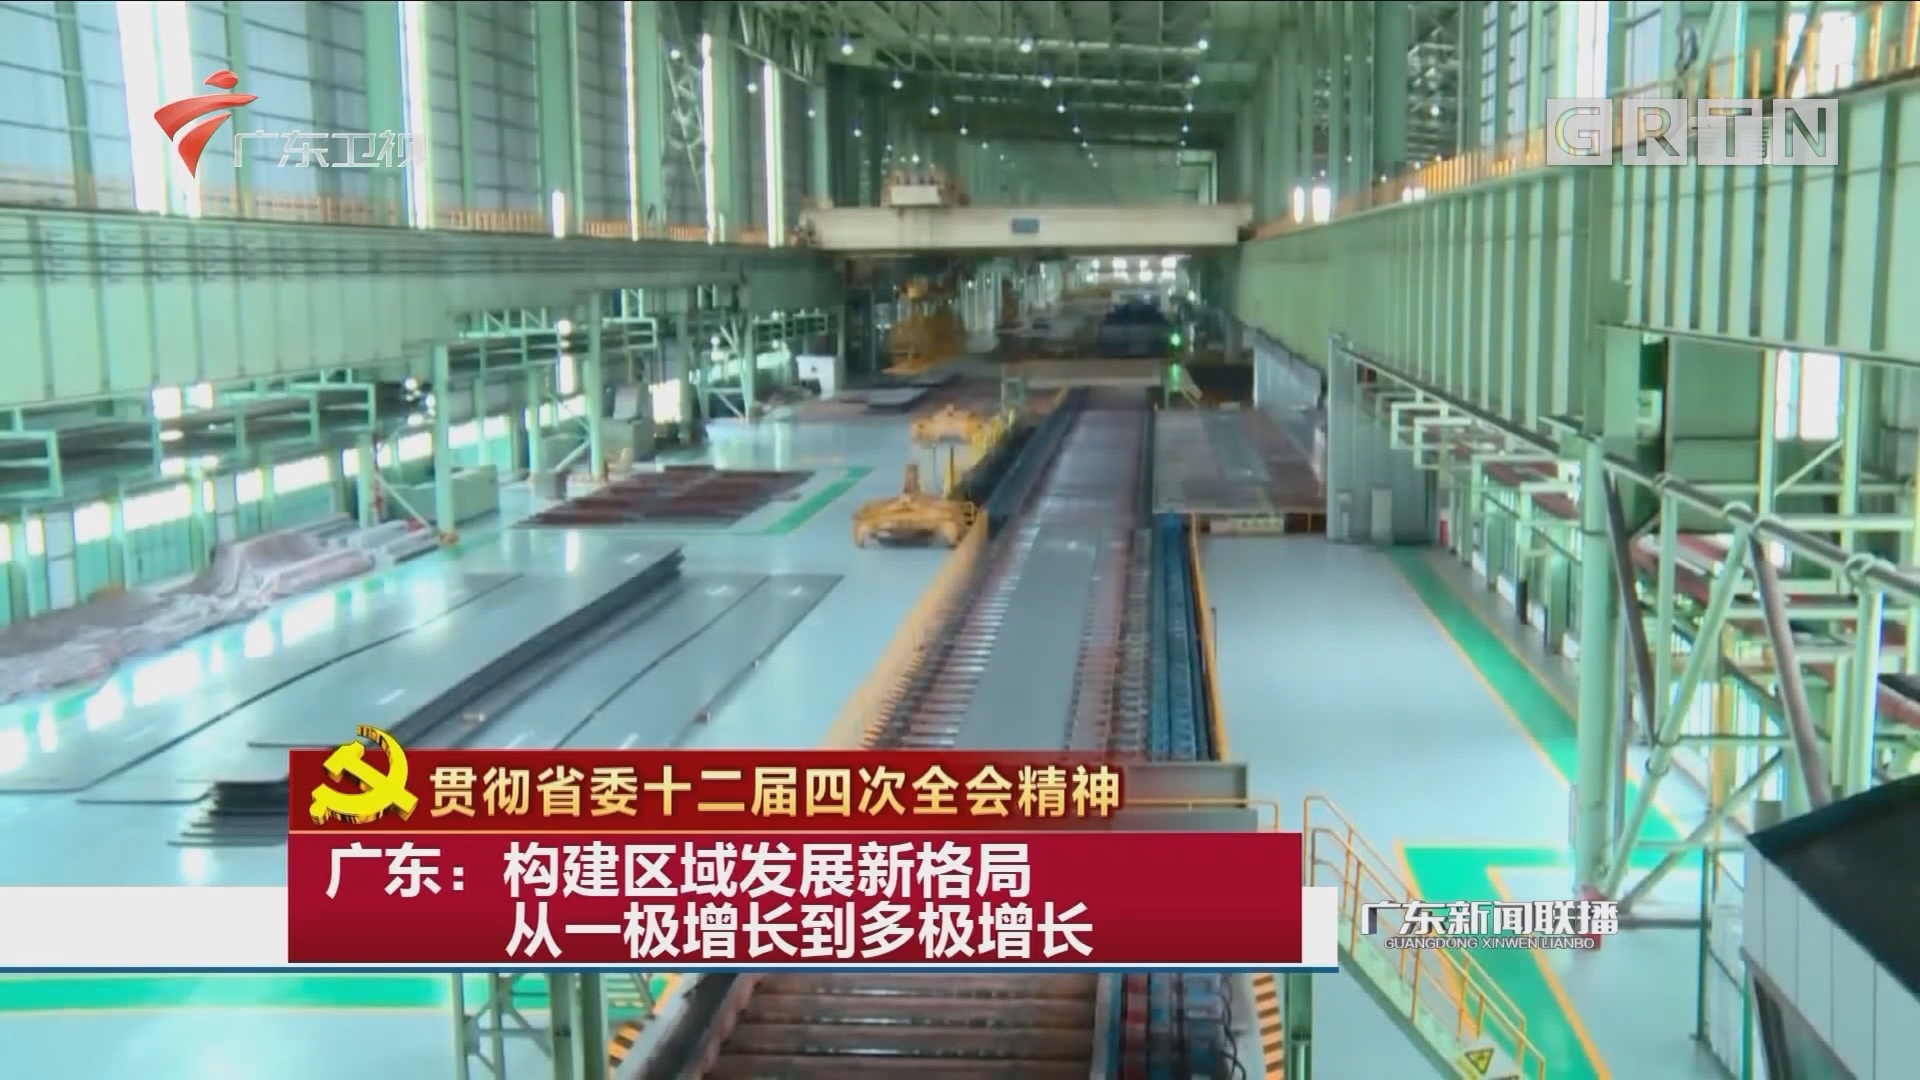 广东:构建区域发展新格局 从一极增长到多极增长